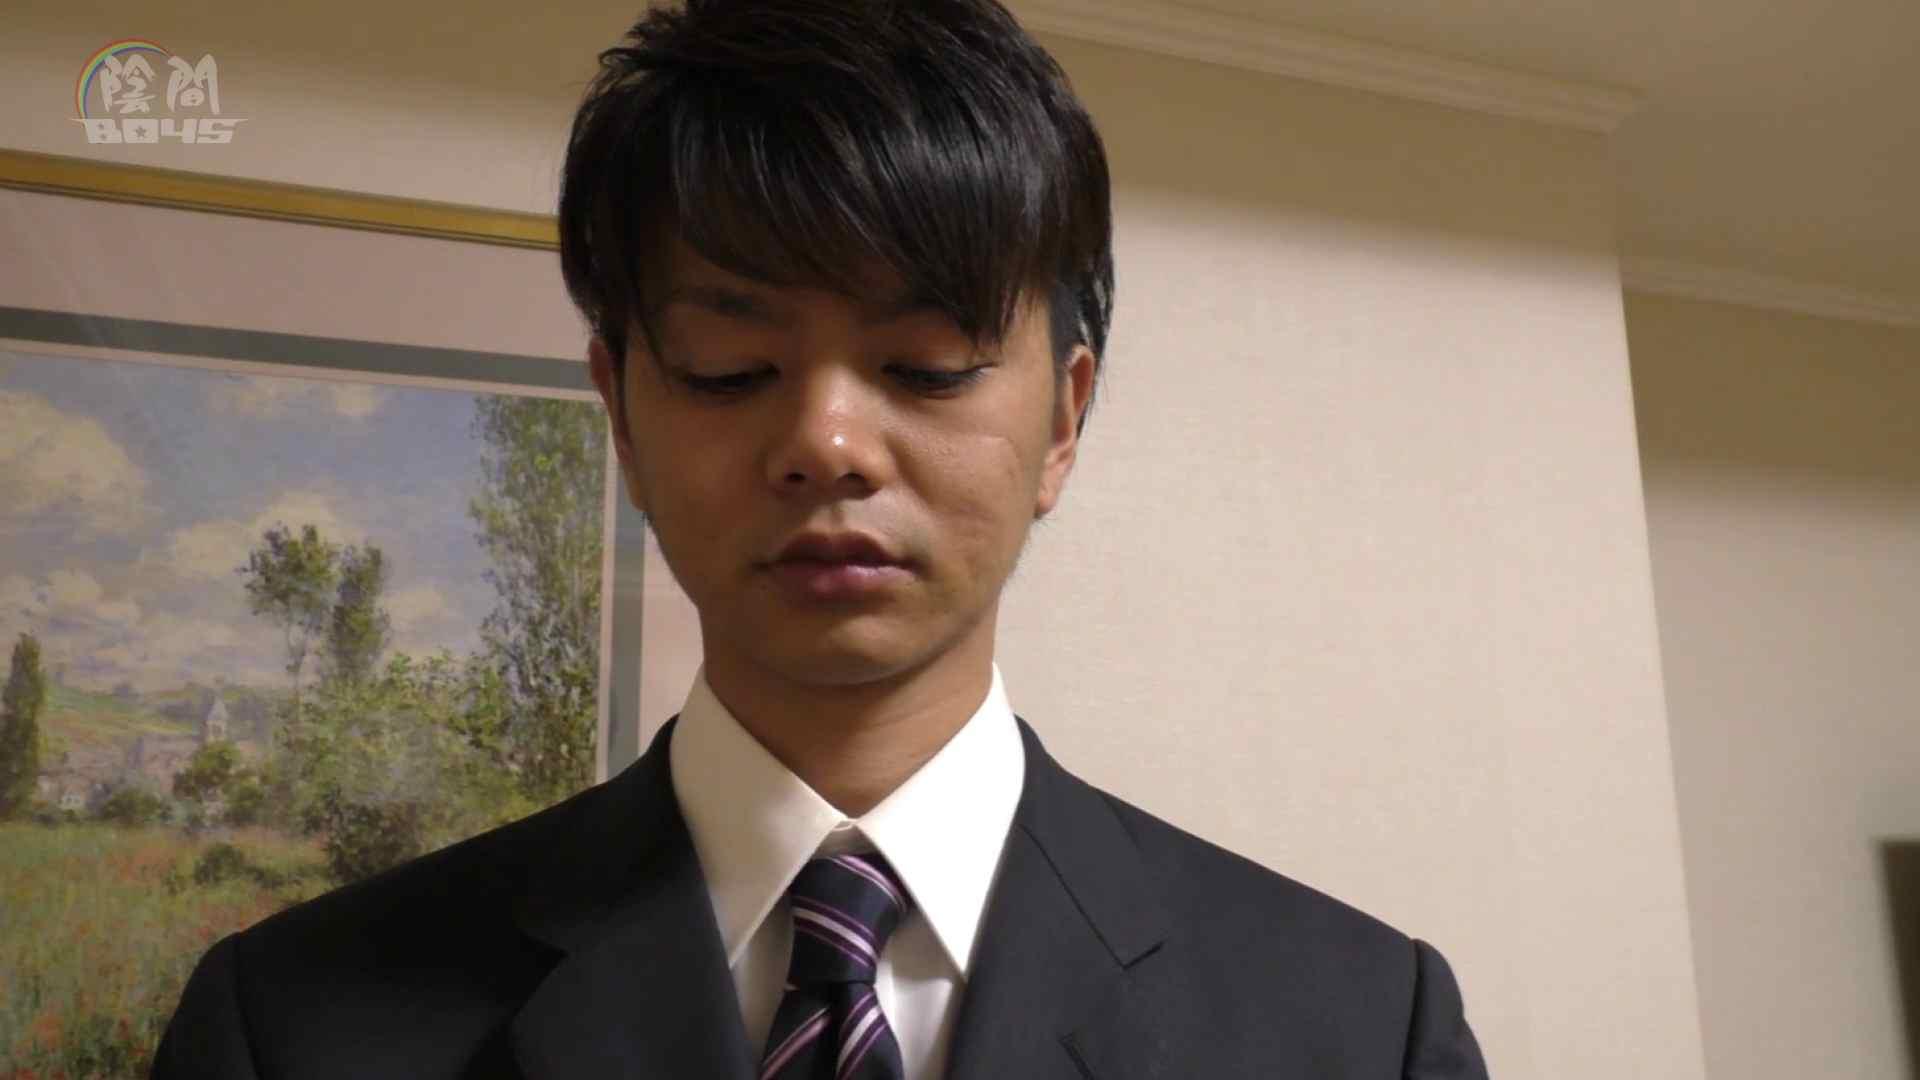 キャバクラの仕事はアナルから6  ~アナルの囁き~Vol.02 ザーメン ゲイ無料エロ画像 70pic 13